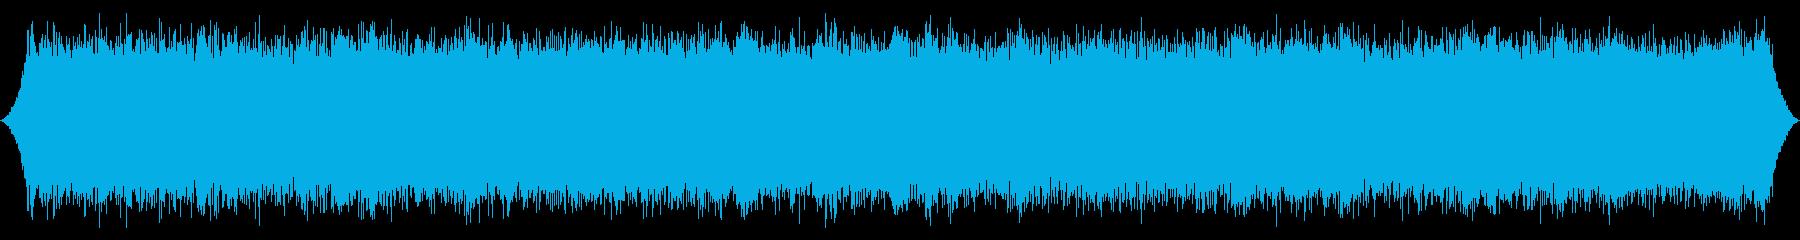 森の風:猛烈な絶頂のust風の再生済みの波形